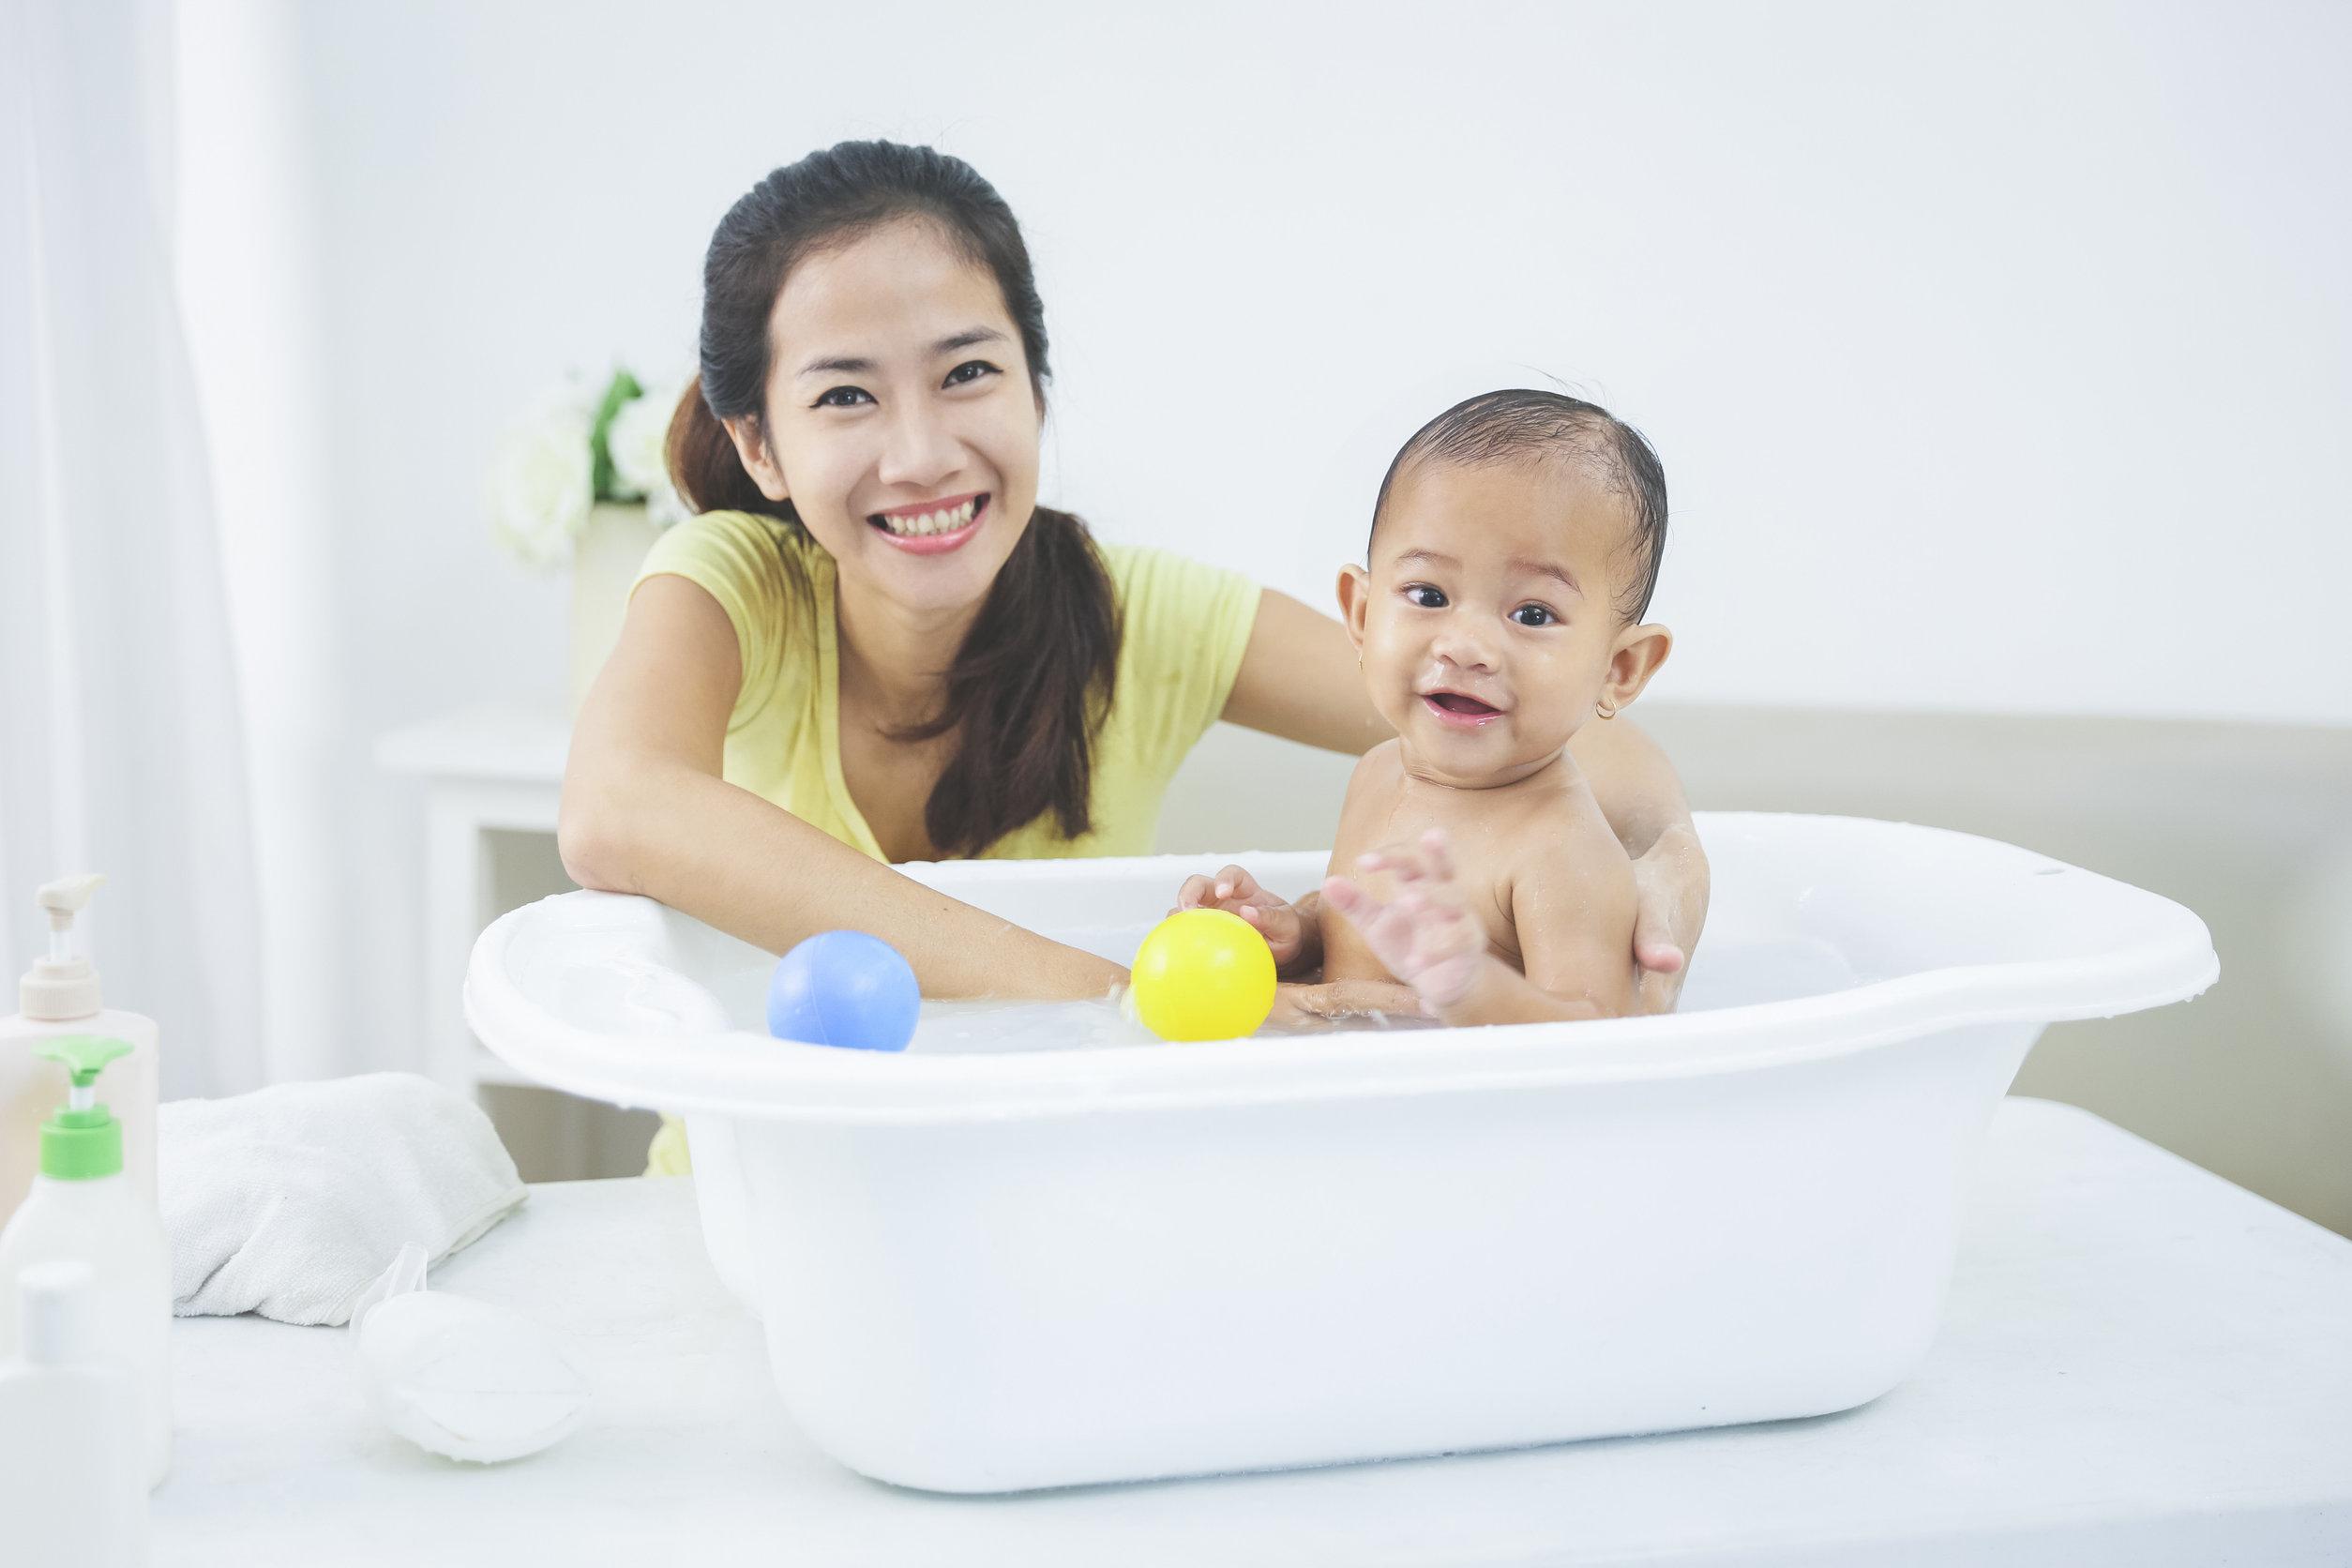 madre en bañera